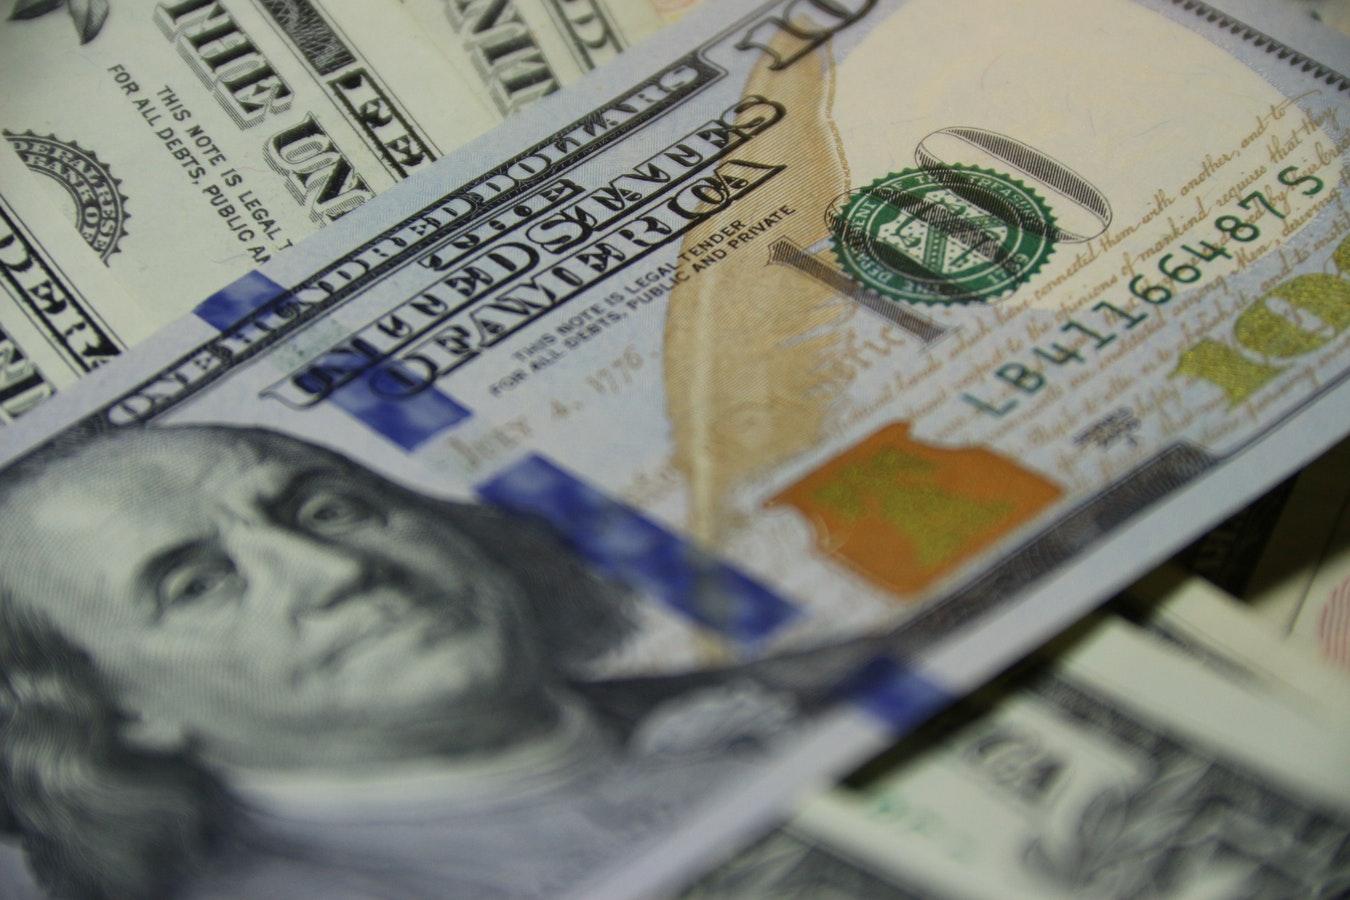 Куда вкладывать деньги, чтобы их стало больше? 4 проверенных варианта